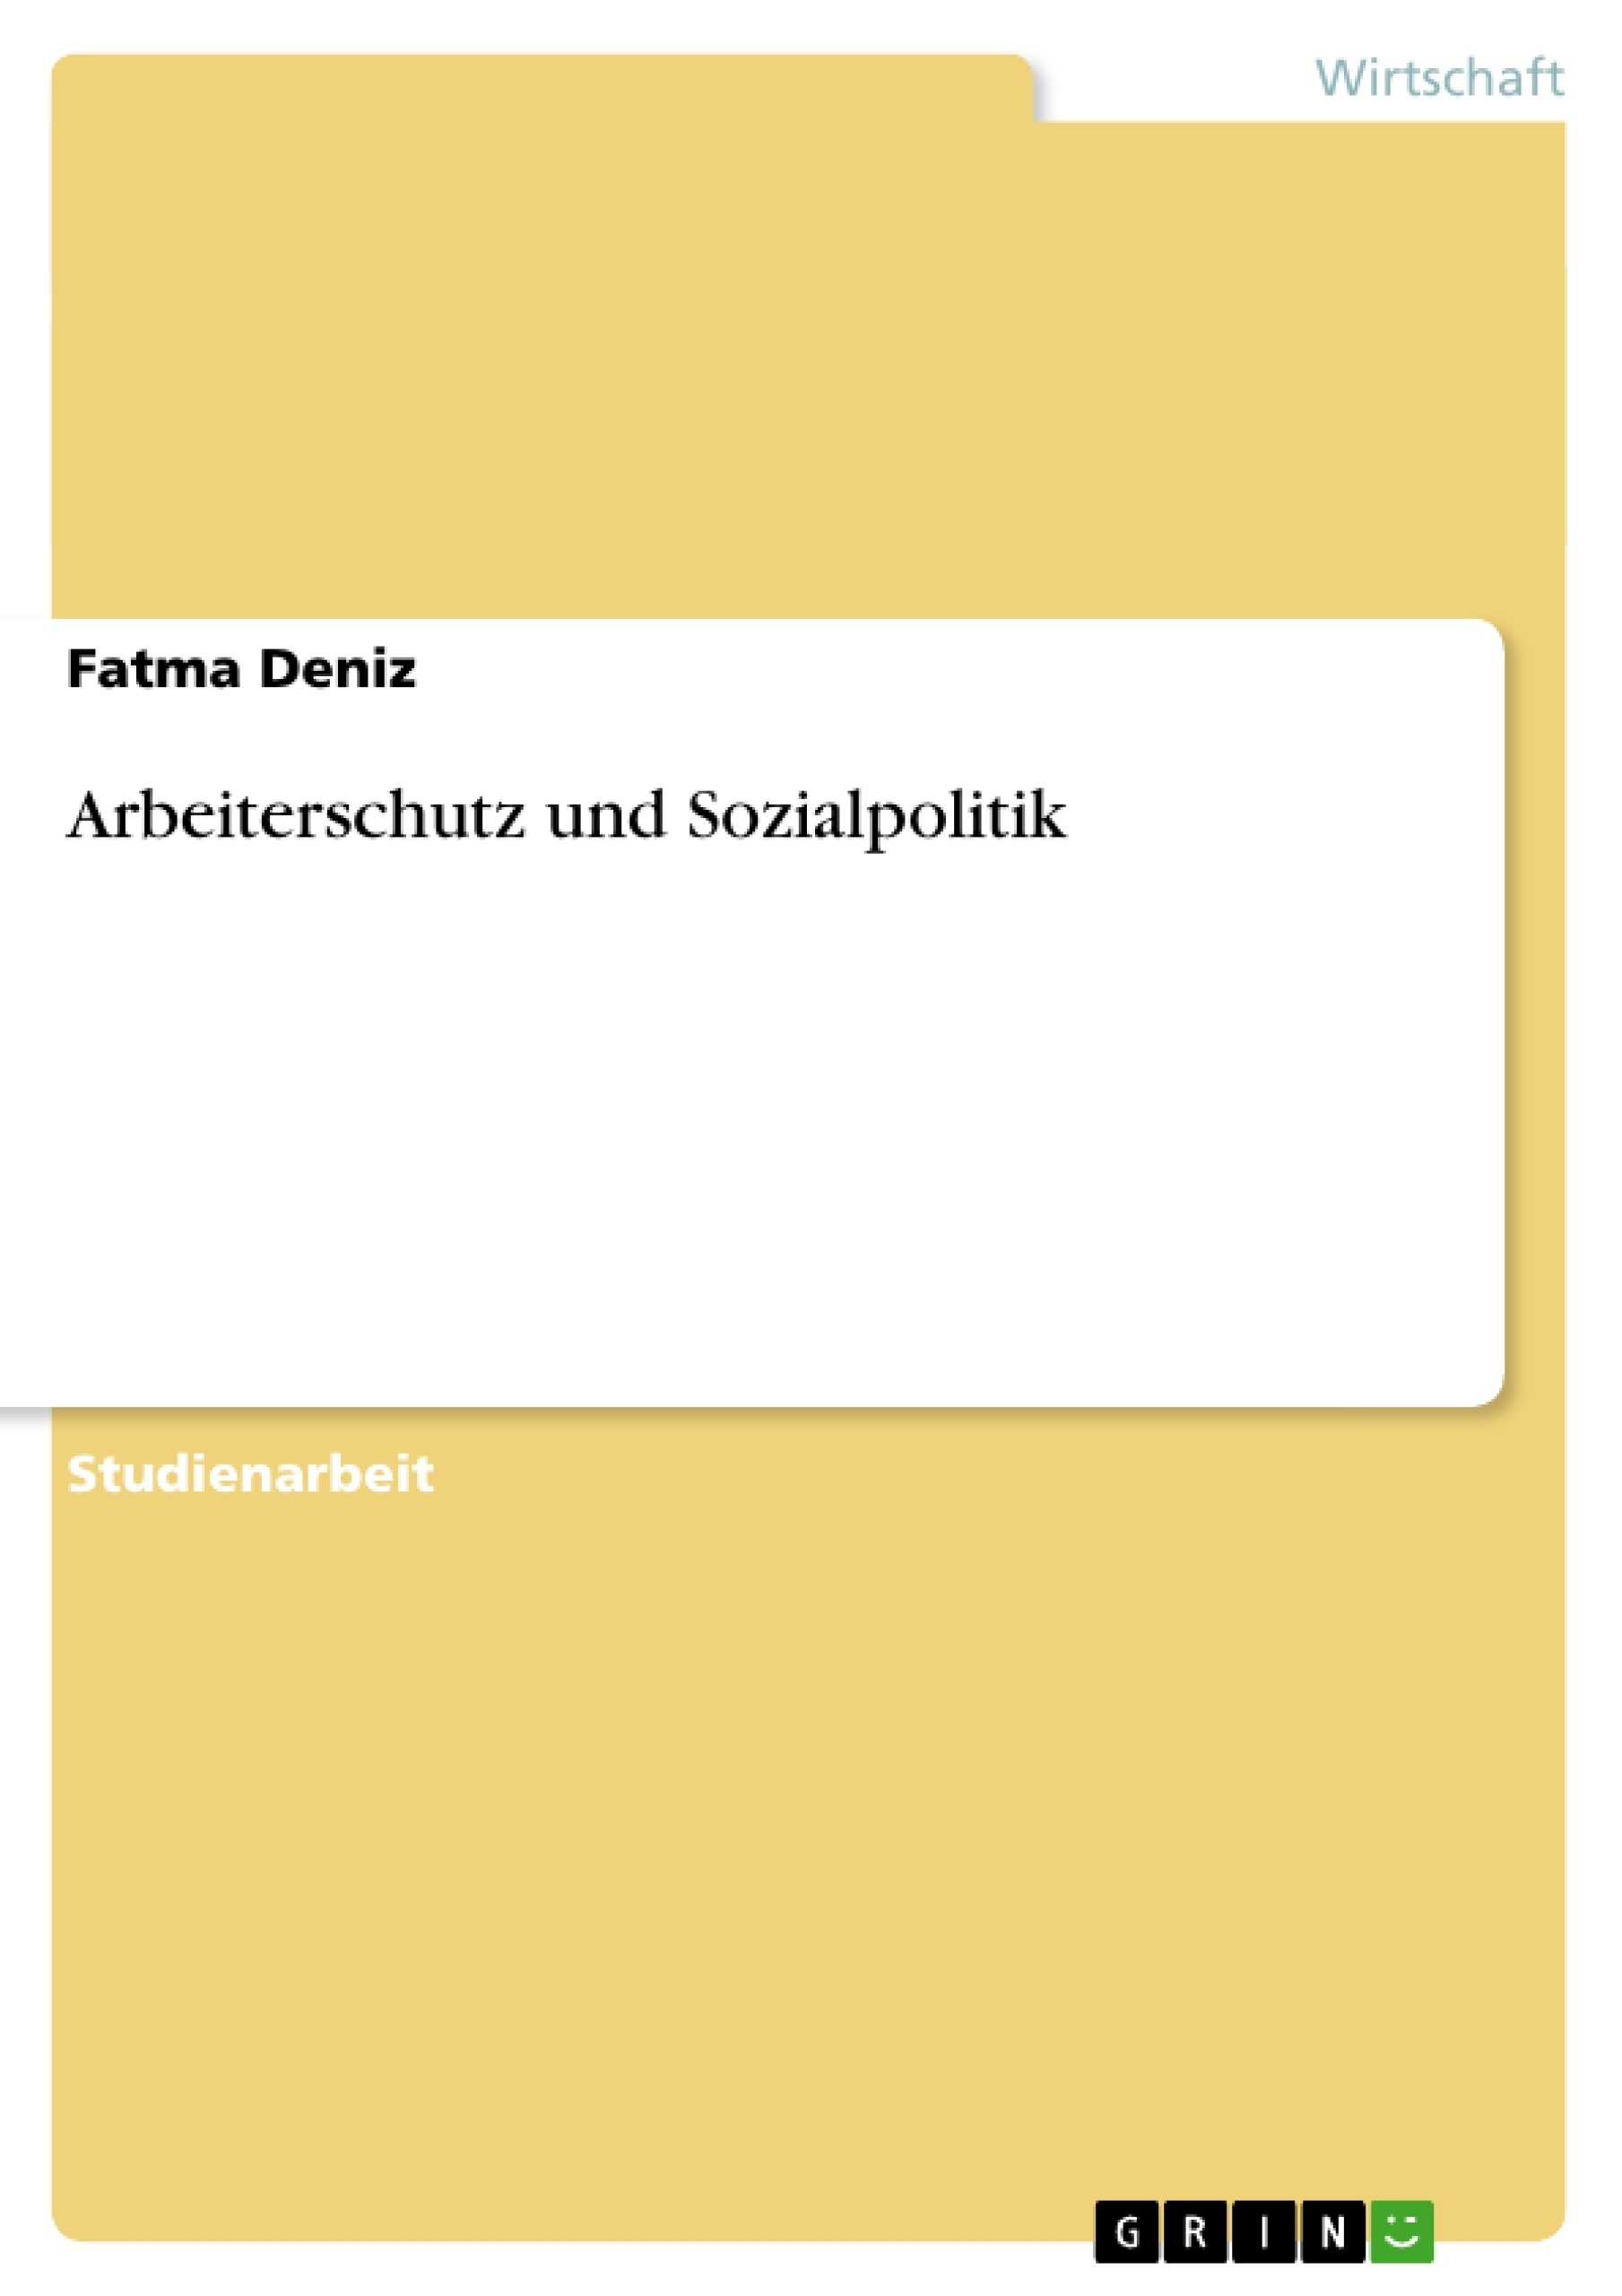 Titel: Arbeiterschutz und Sozialpolitik